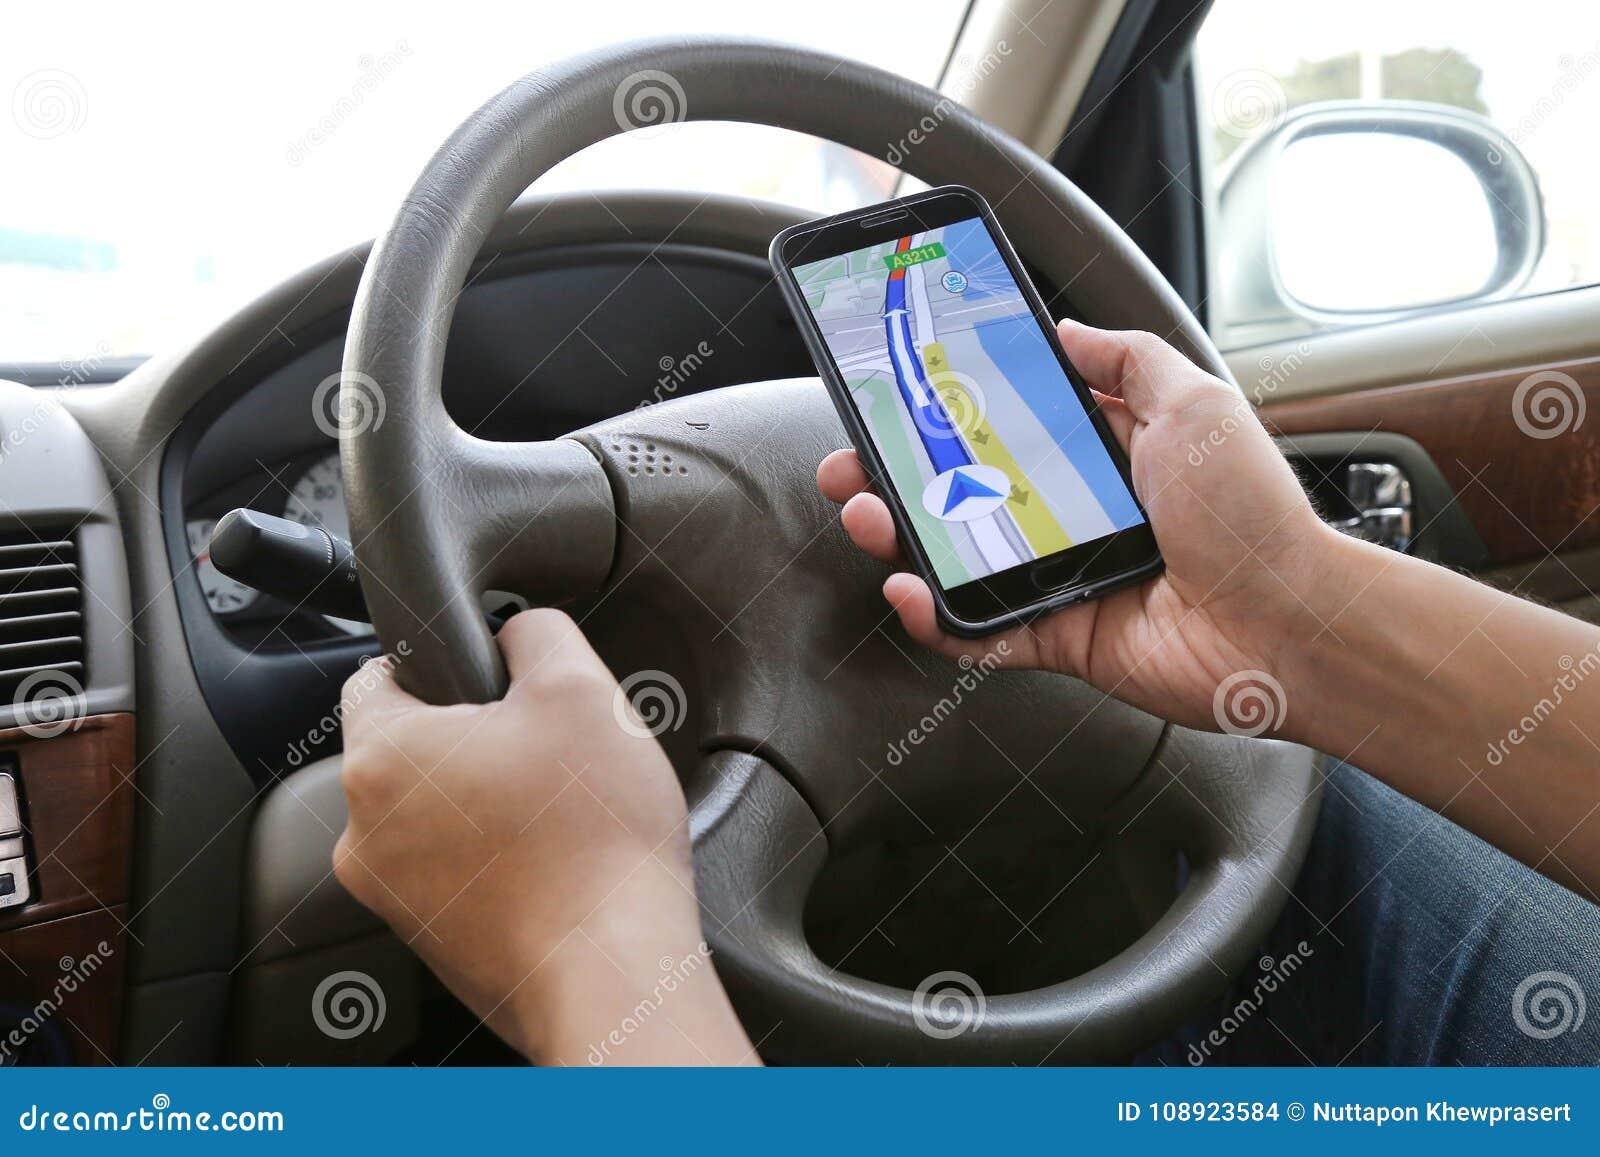 Equipe usando seu telefone celular para navegar com aplicação do mapa ao conduzir Excitador perigoso o